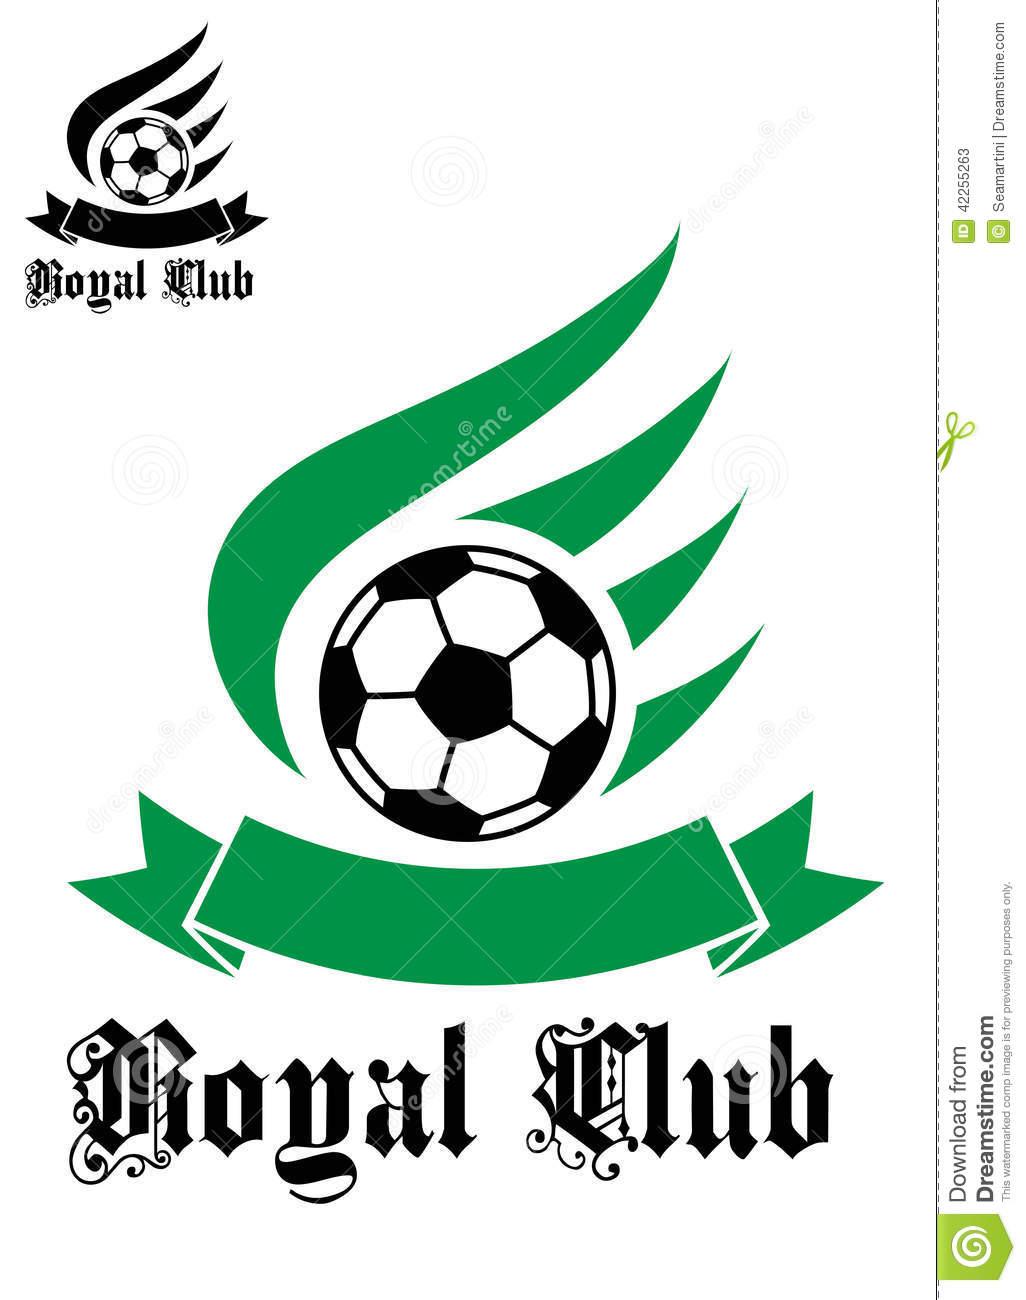 Símbolo Do Futebol Ou Do Futebol Com Verde E Preto Ilustração Do